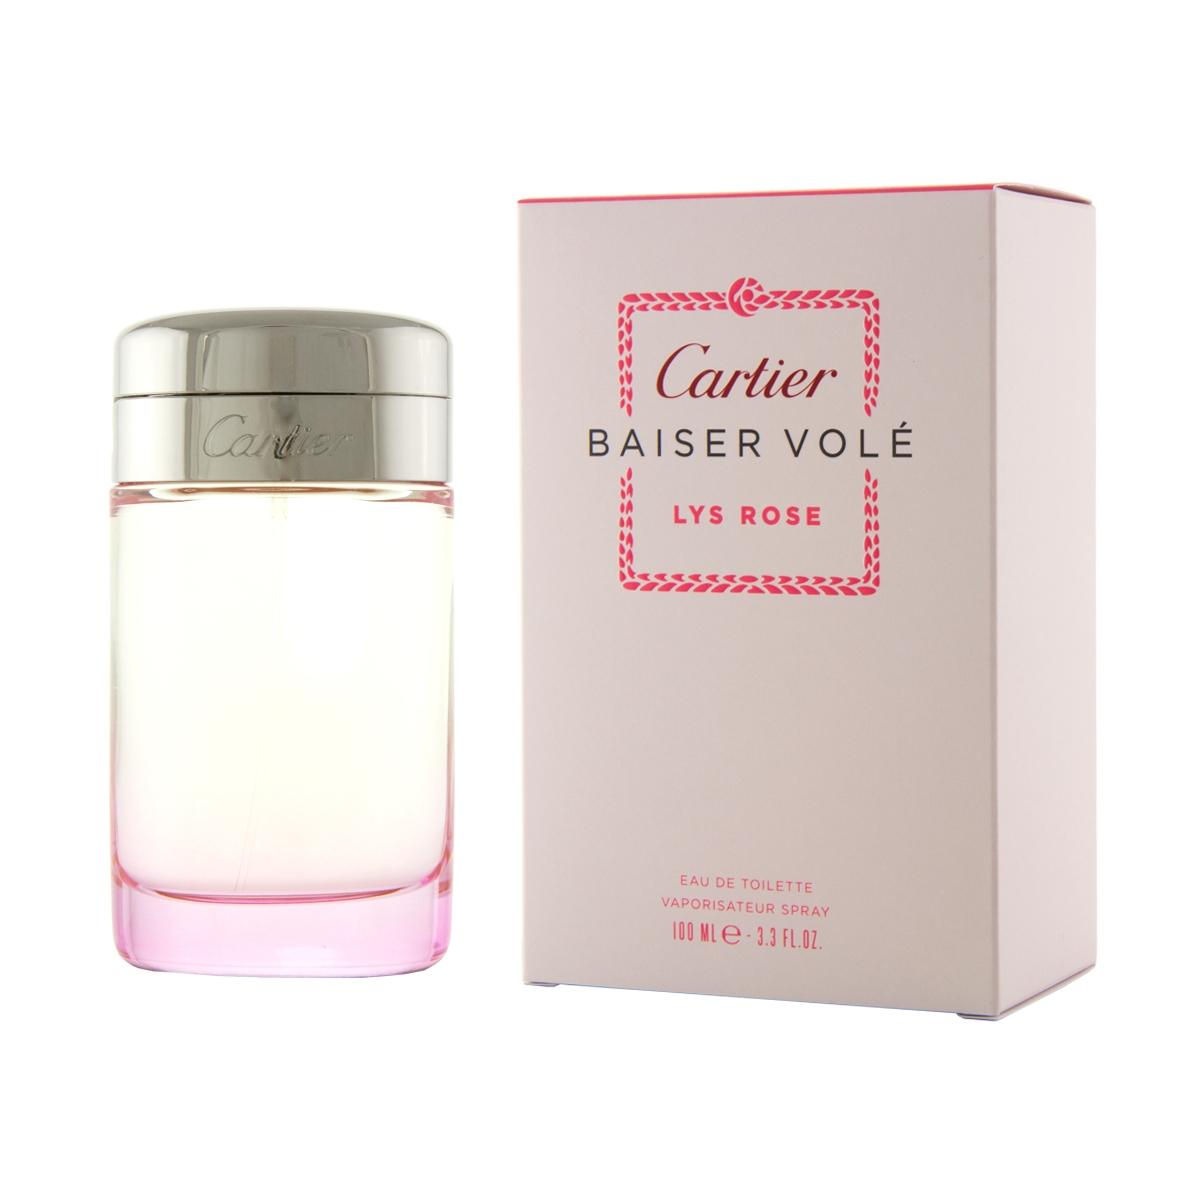 Cartier Baiser Volé Lys Rose Eau De Toilette 100 ml (woman)